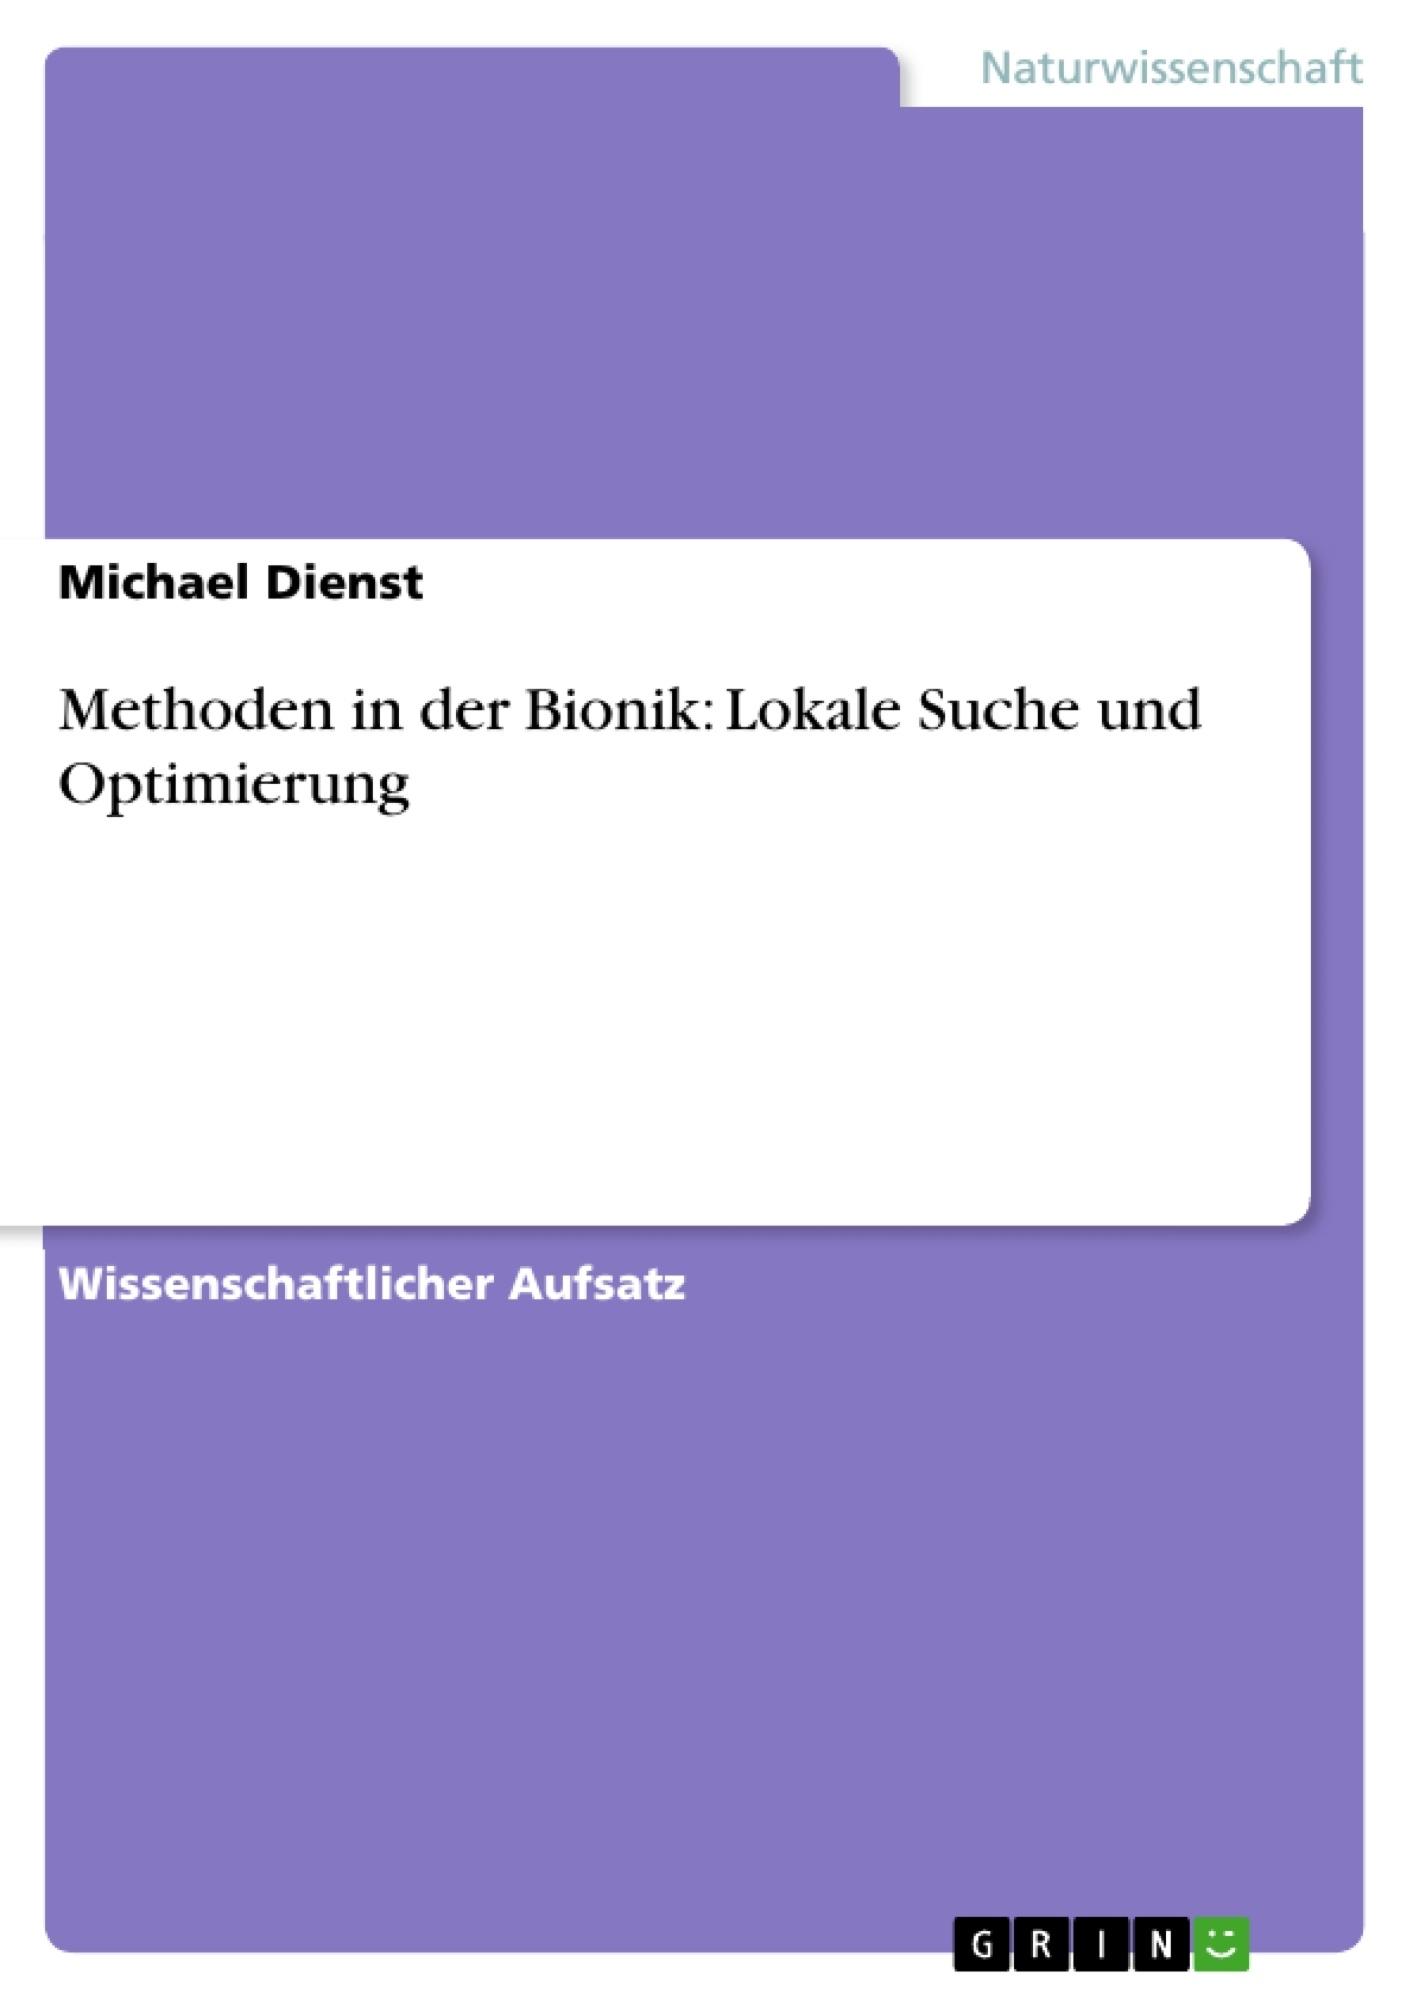 Titel: Methoden in der Bionik: Lokale Suche und Optimierung